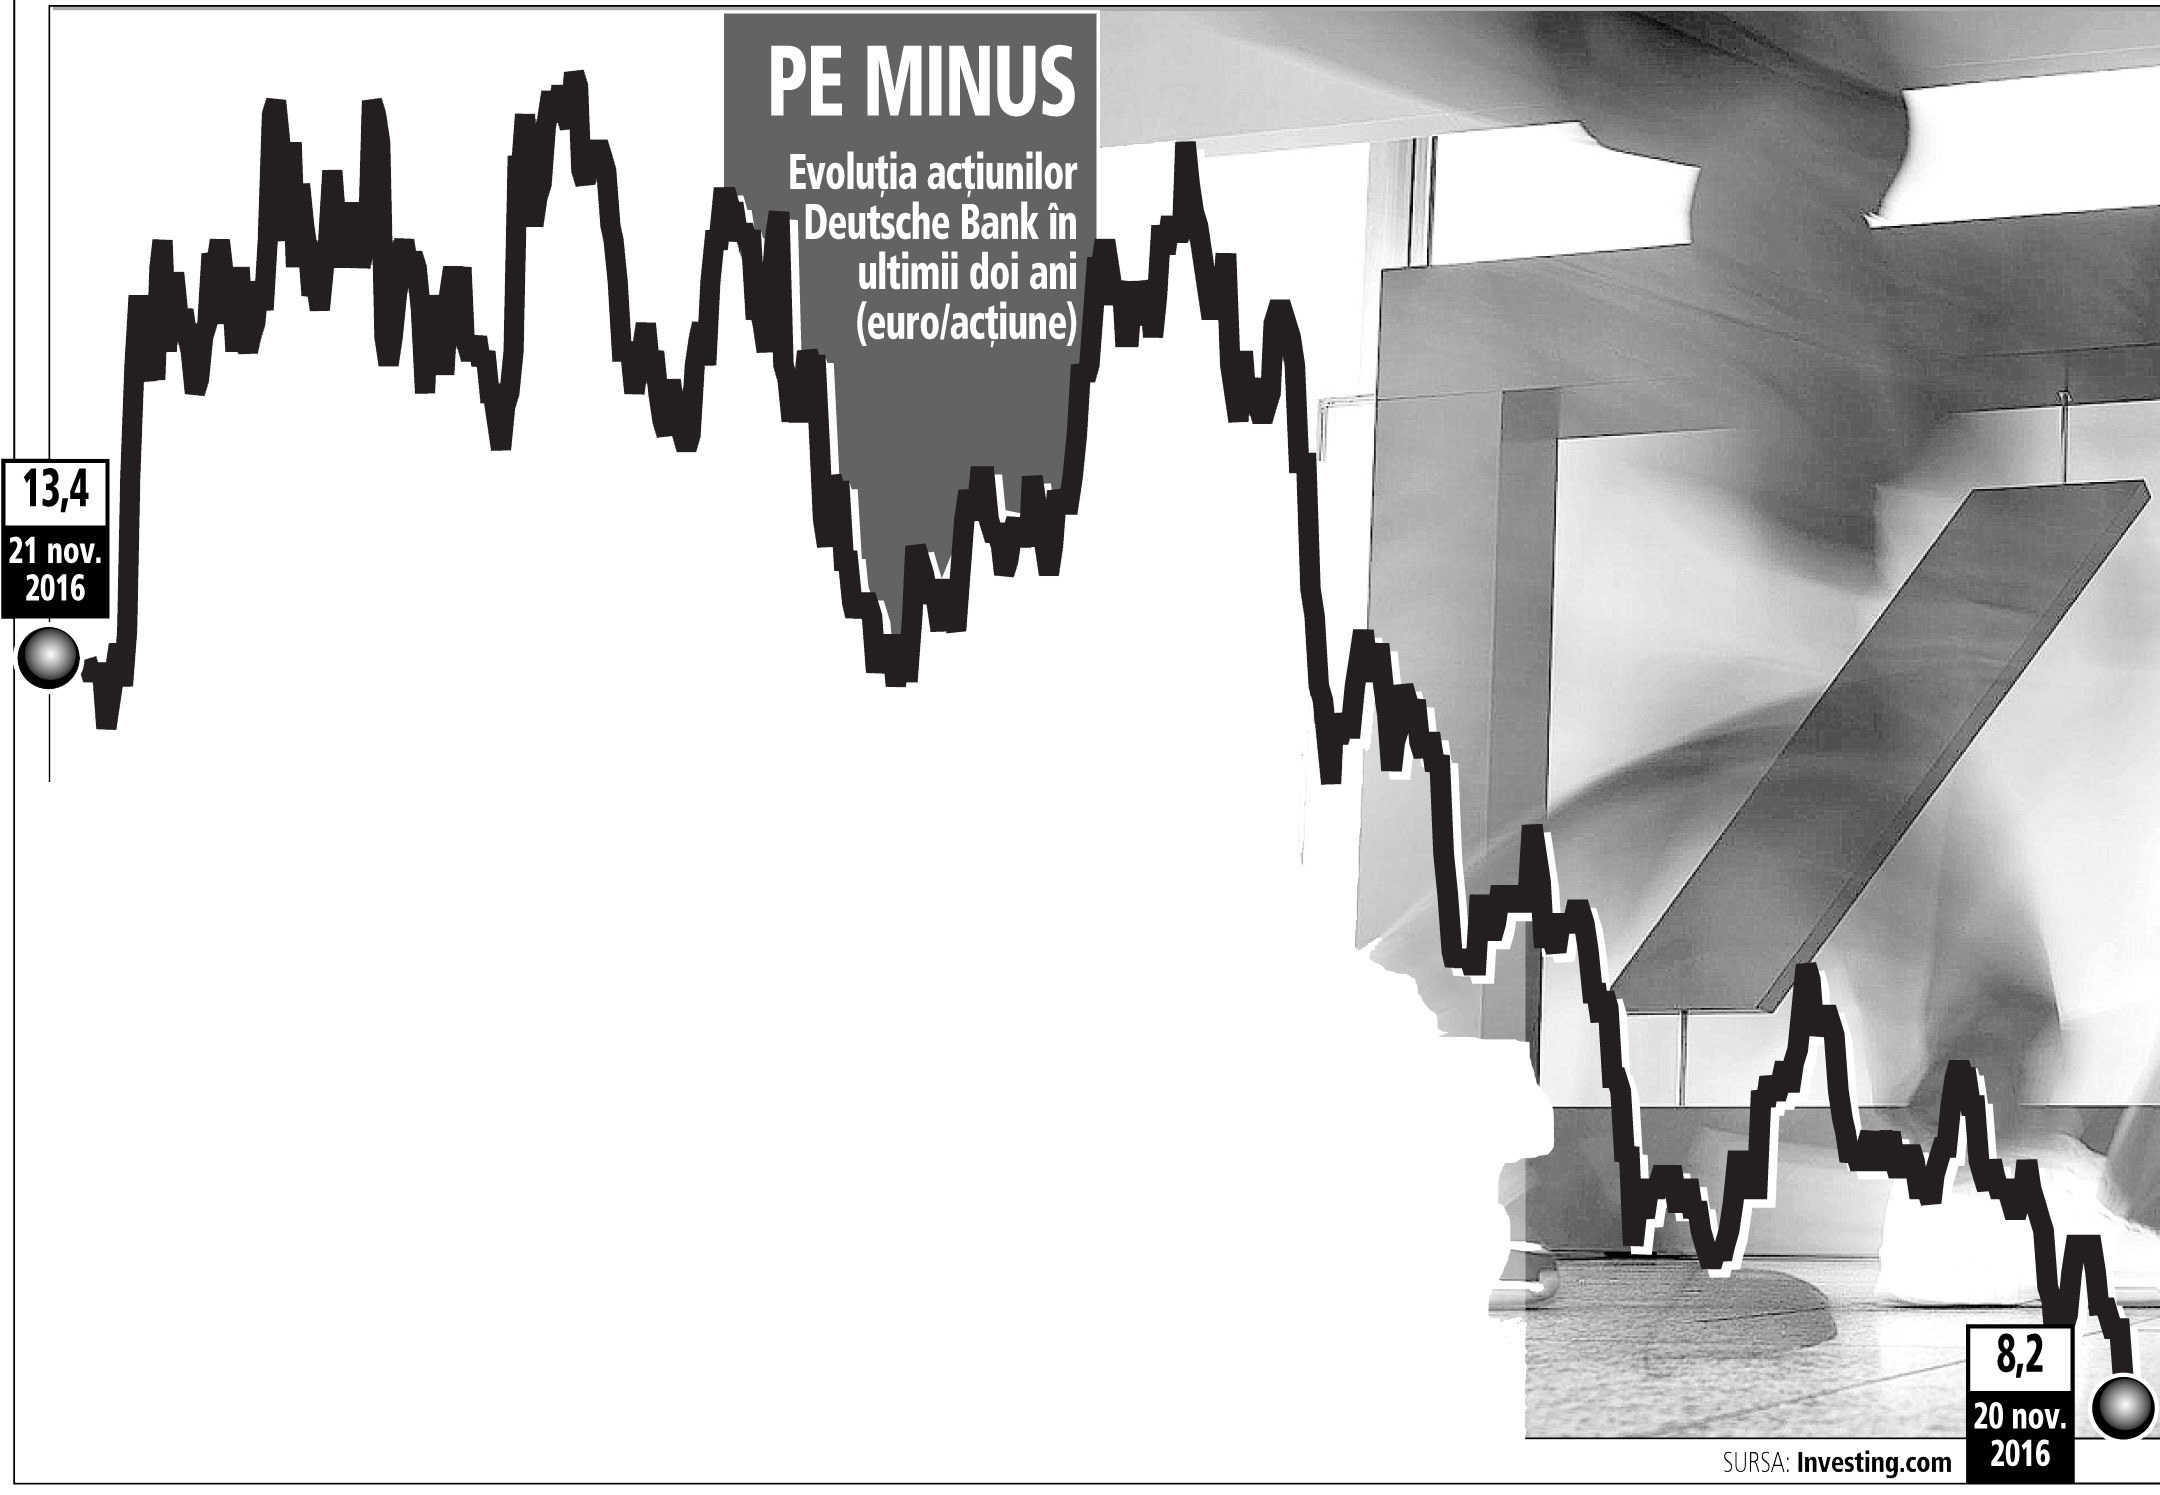 Gigantul bancar Deutsche Bank, la minimul istoric la bursă de 16,9 miliarde de euro capitalizare. Acţiunile s-au înjumătăţit de la începutul anului